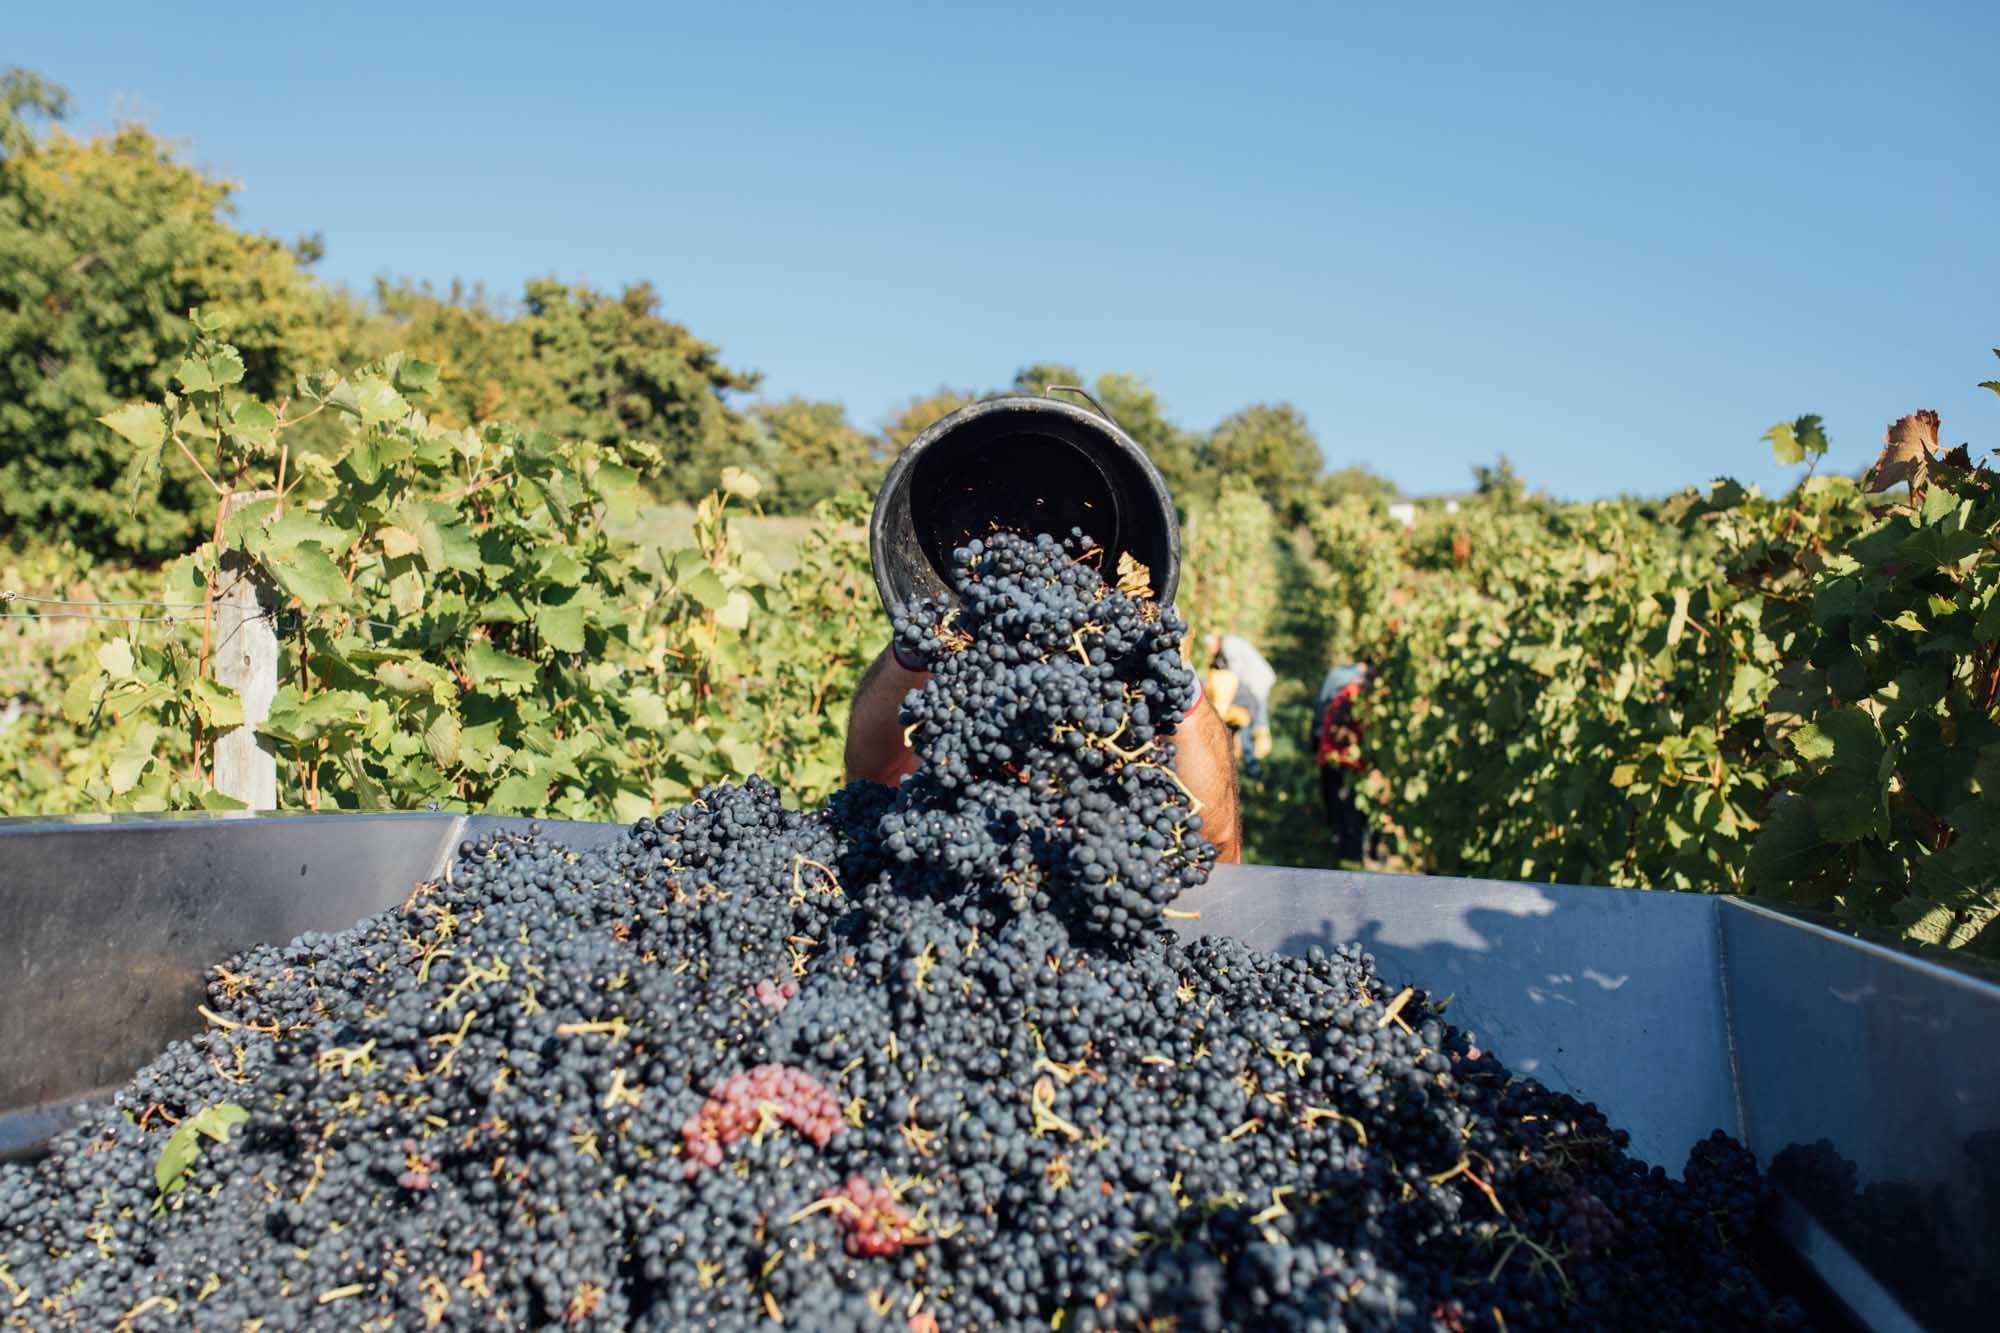 Weintrauben werden auf den Traktor geladen